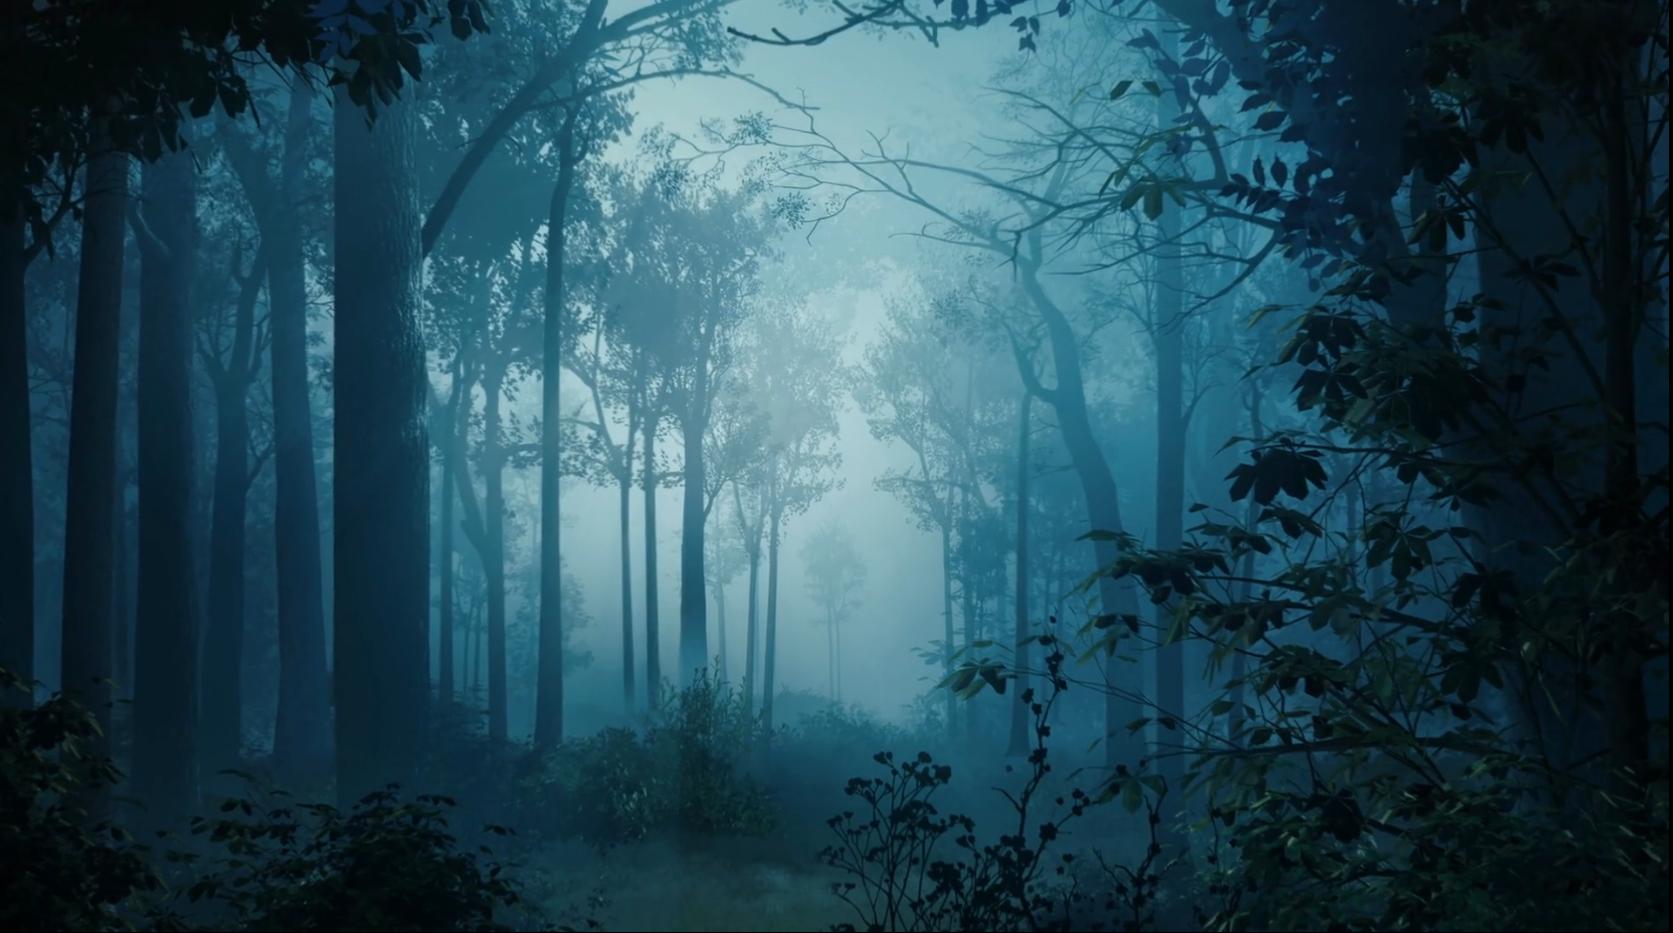 为什么找不到外星人?这个比黑暗森林还可怕的理论,给出了解释